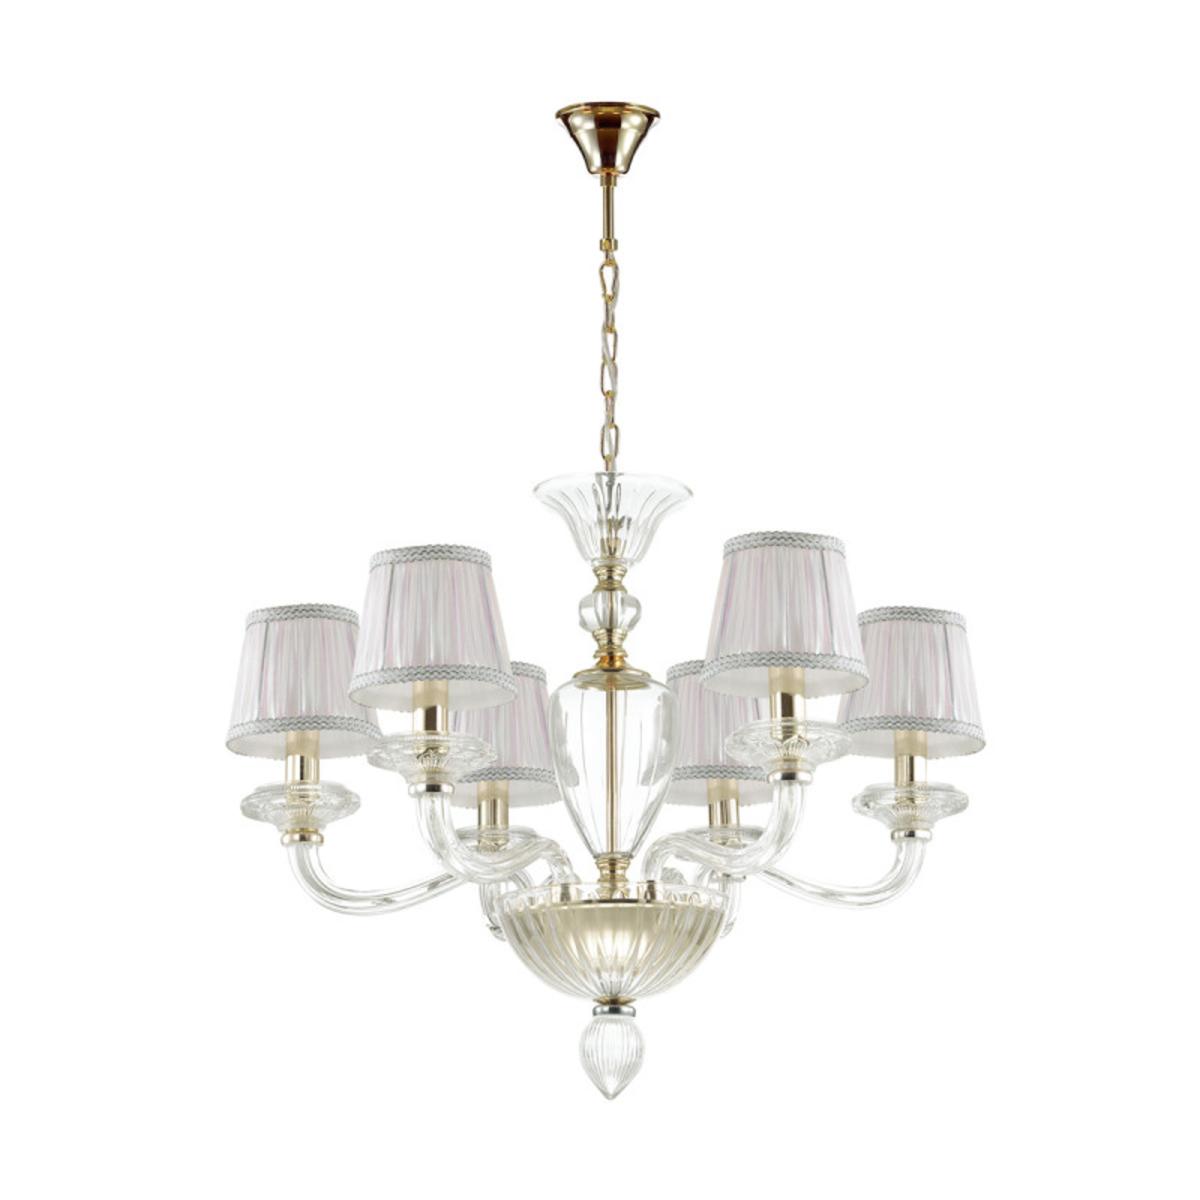 Купить Подвесная люстра SINTIA Подвесная люстра Odeon Light 4184/6 (15493), HomeMe